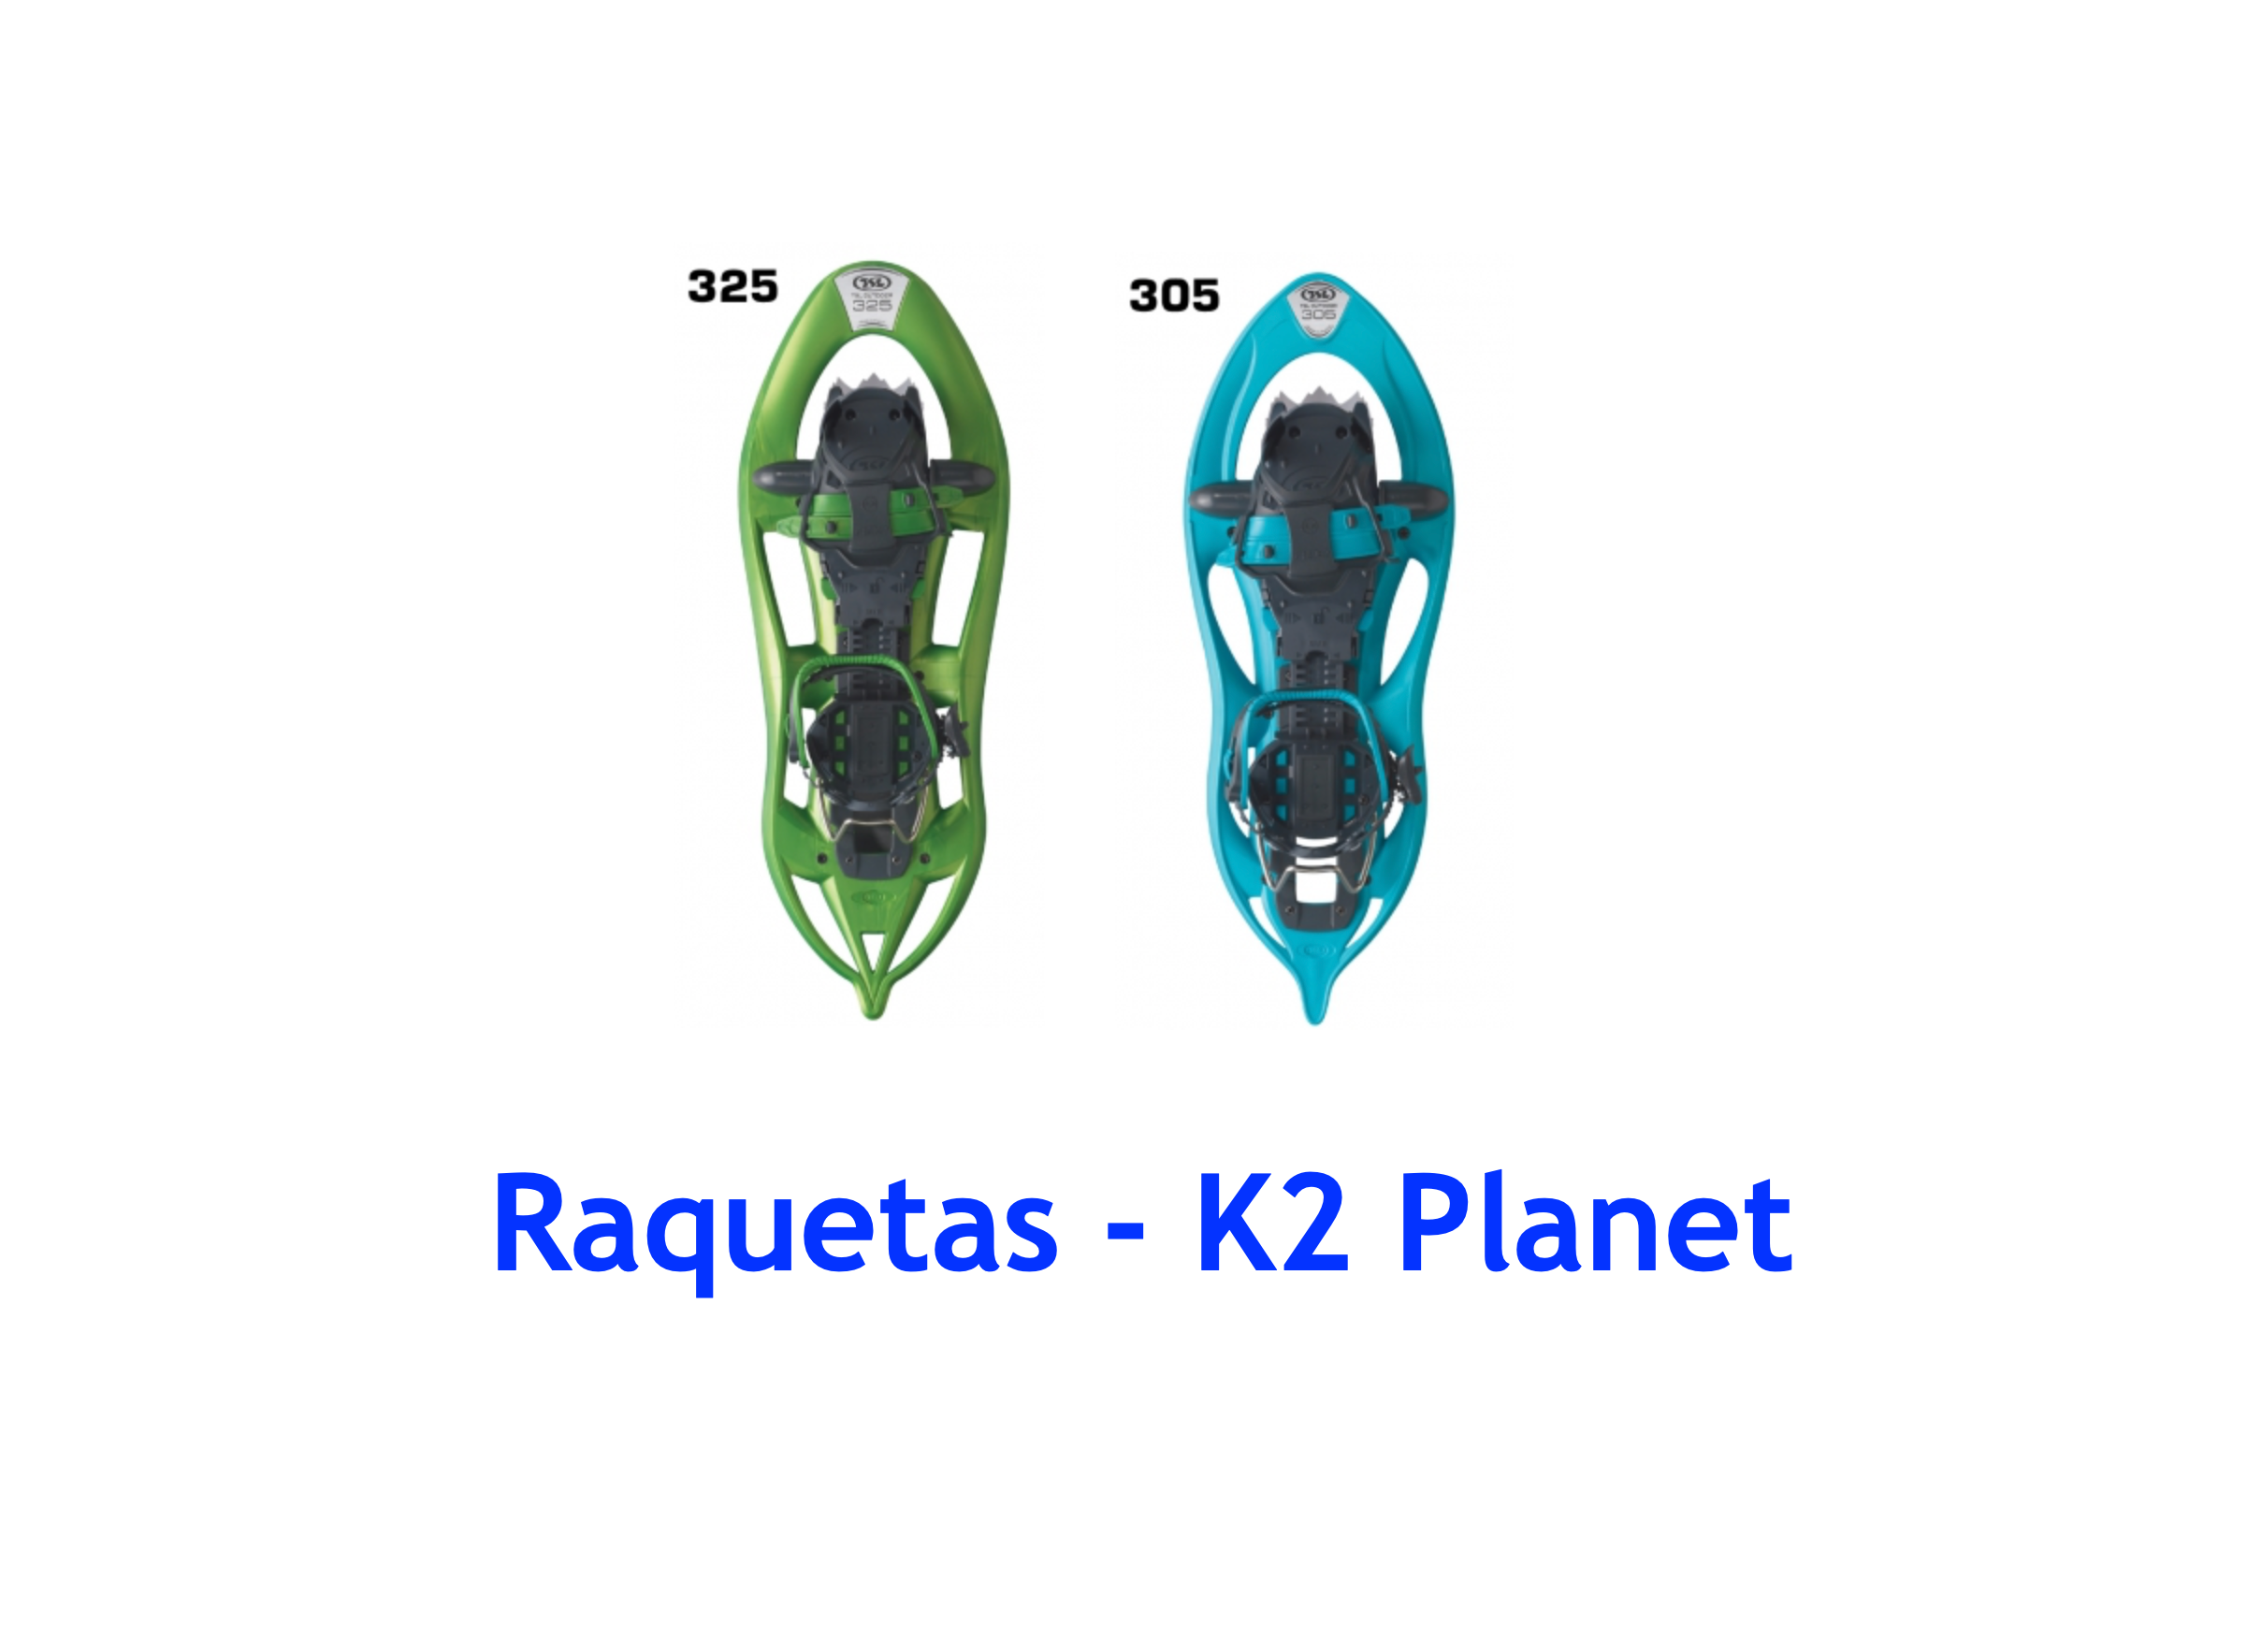 Raquetas TSL 325 Ride y 305 Ride